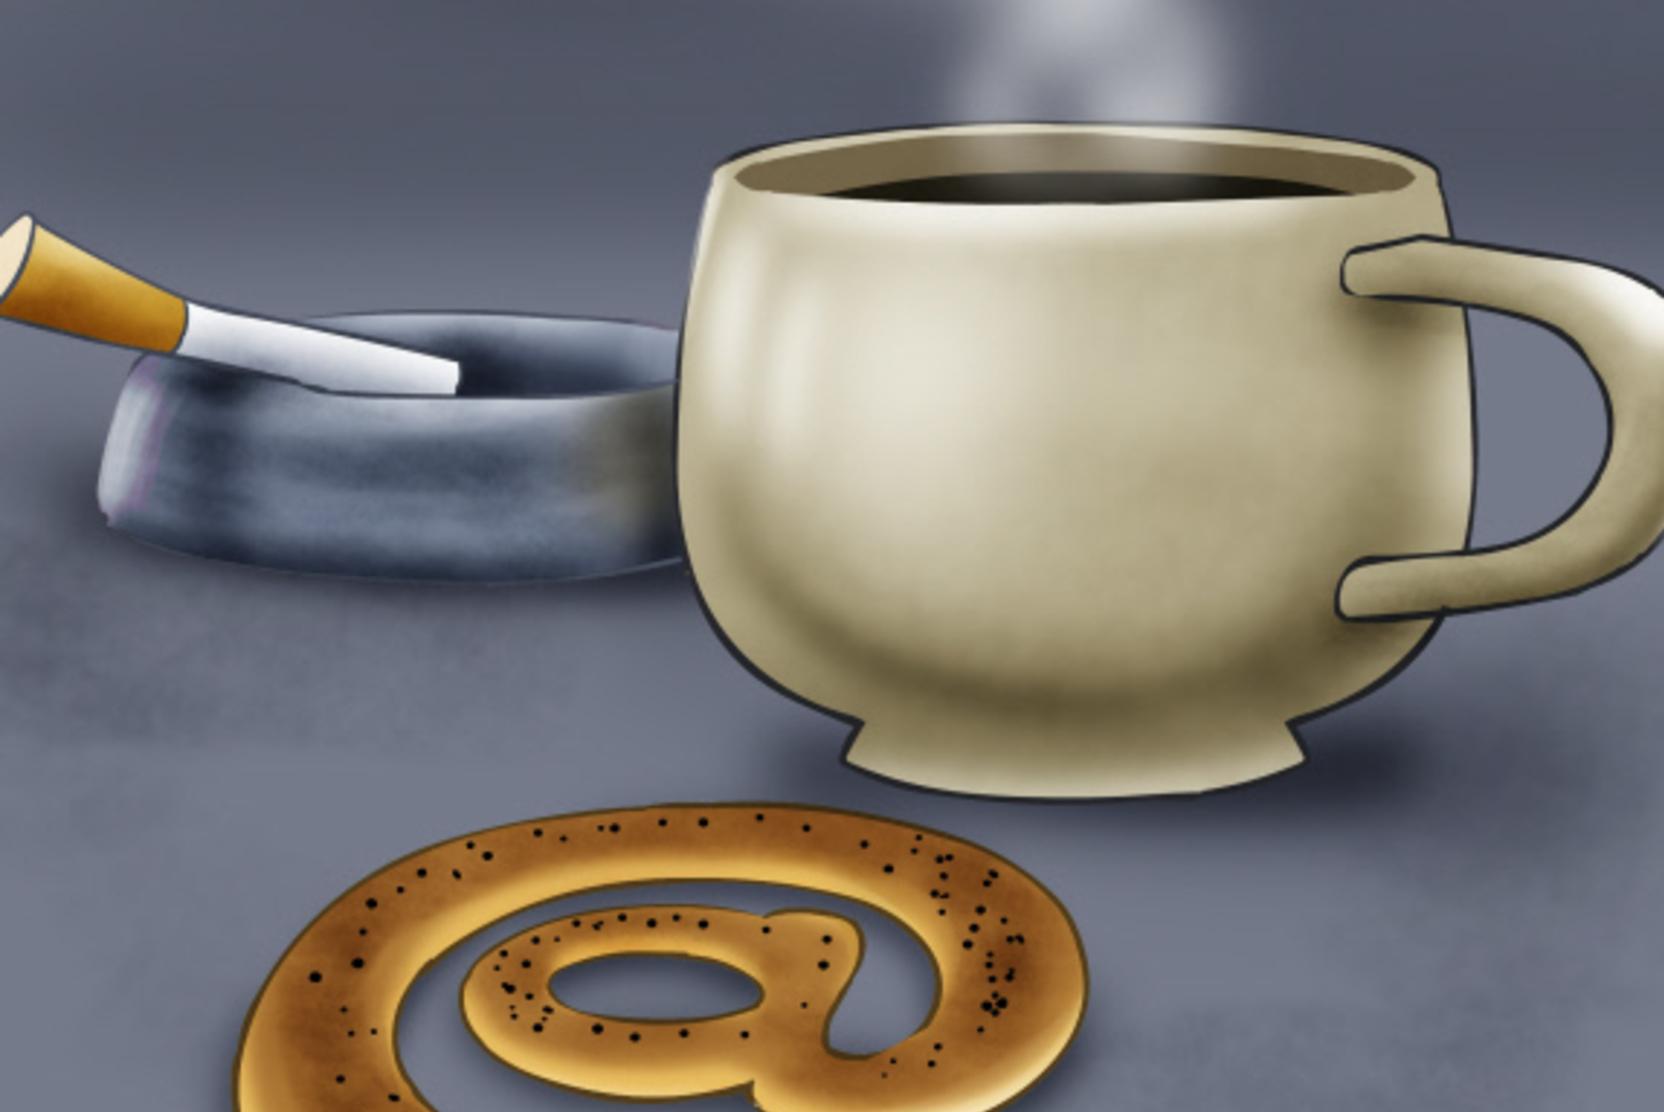 Врач: регулярное употребление кофе помогает предотвратить ряд болезней